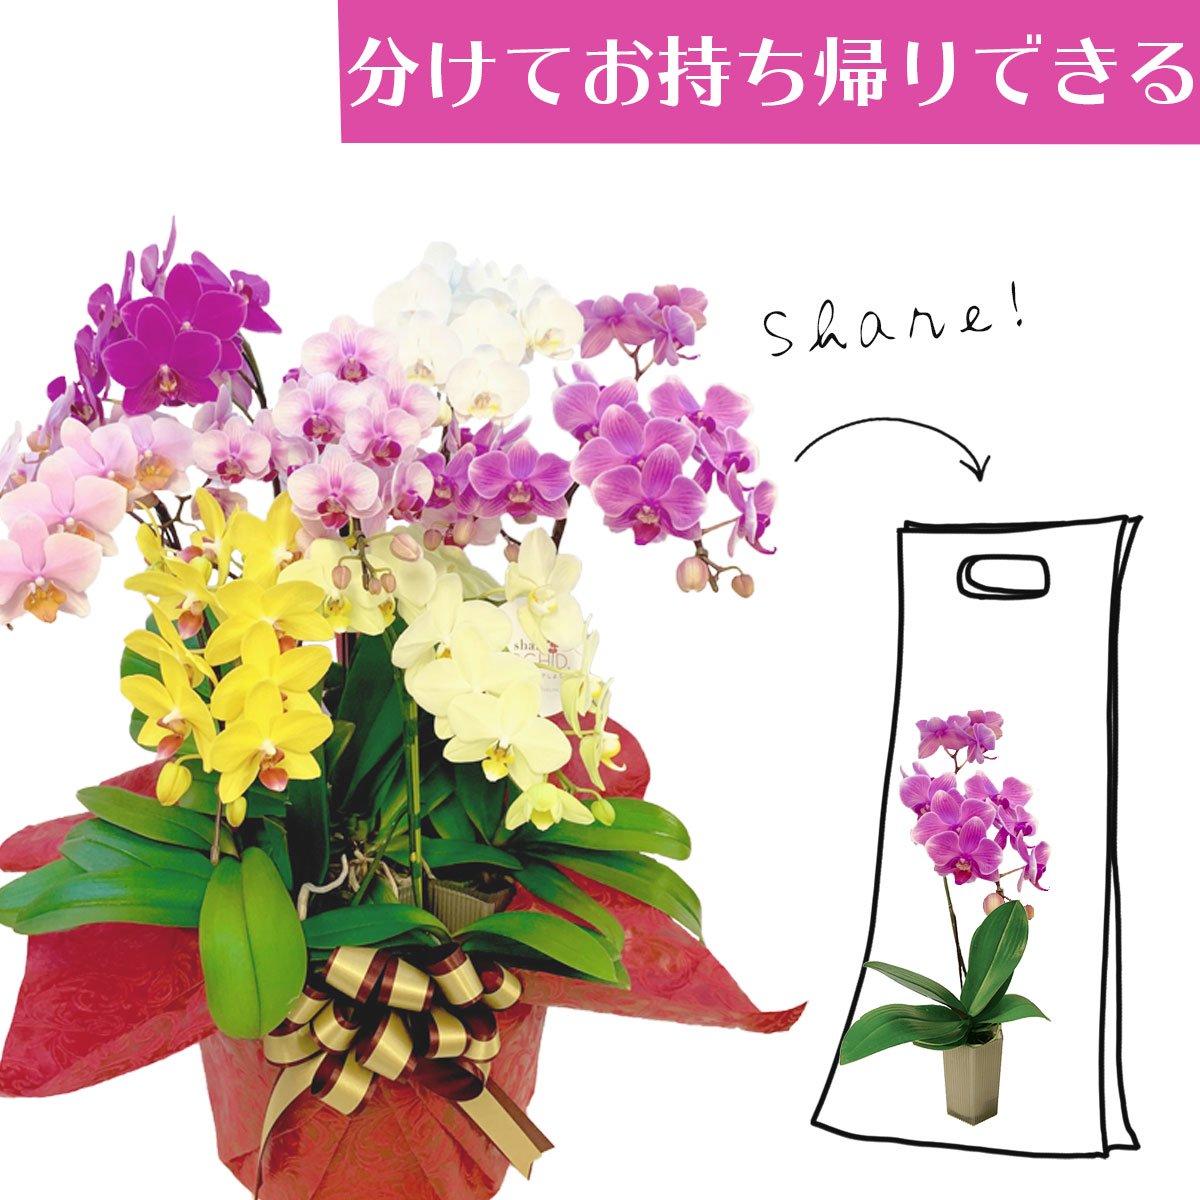 シェアオーキッド シェアできる胡蝶蘭 ミックス  7本立ち(7株)